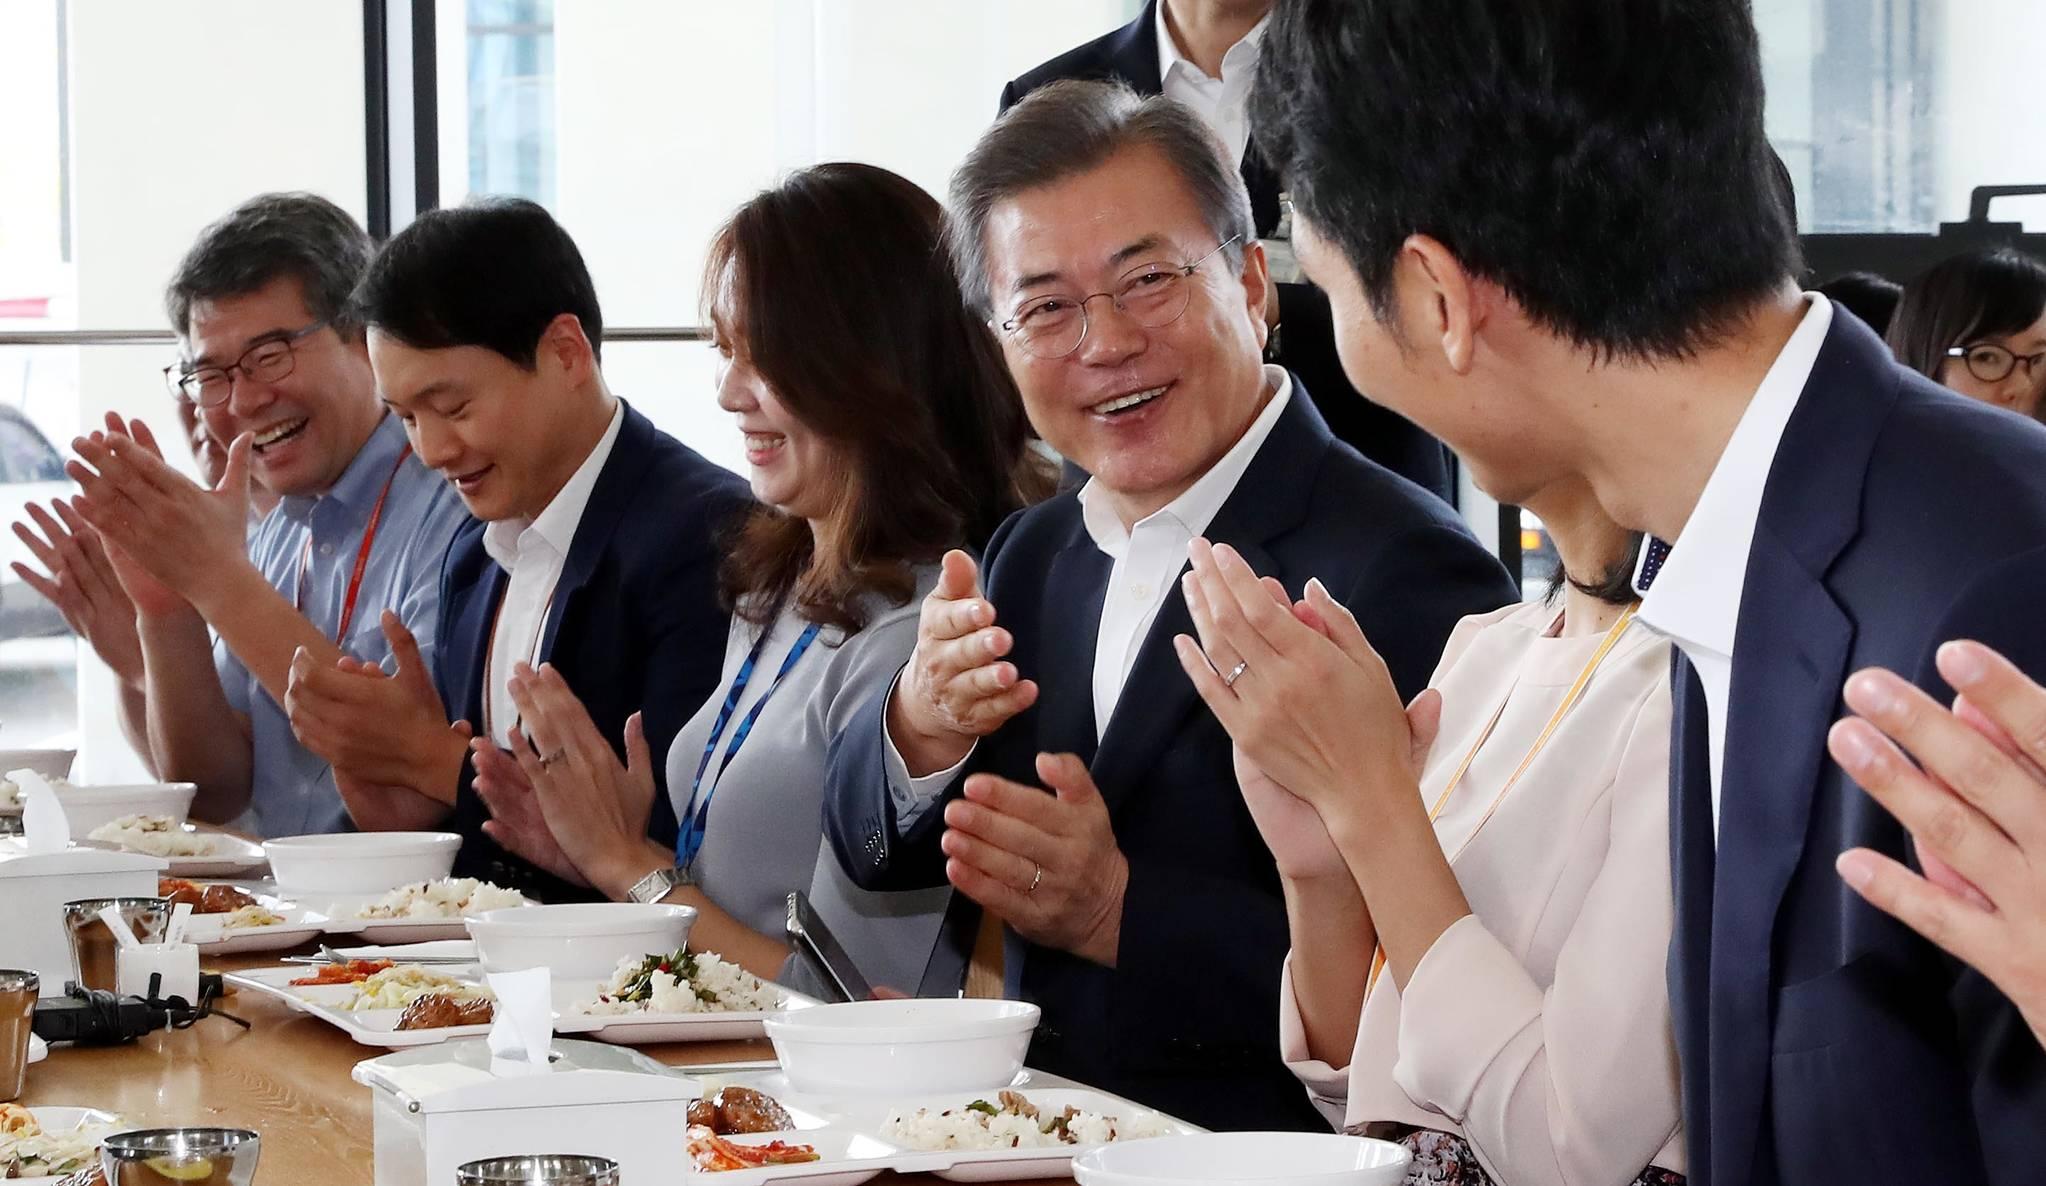 지난해 8월 31일 문재인 대통령이 부처별 업무보고를 받기위해 정부세종청사를 방문했다. 문 대통령이 구내식당에서 직원들과 점심식사를 하며 담소를 하고 있다. 김상선 기자